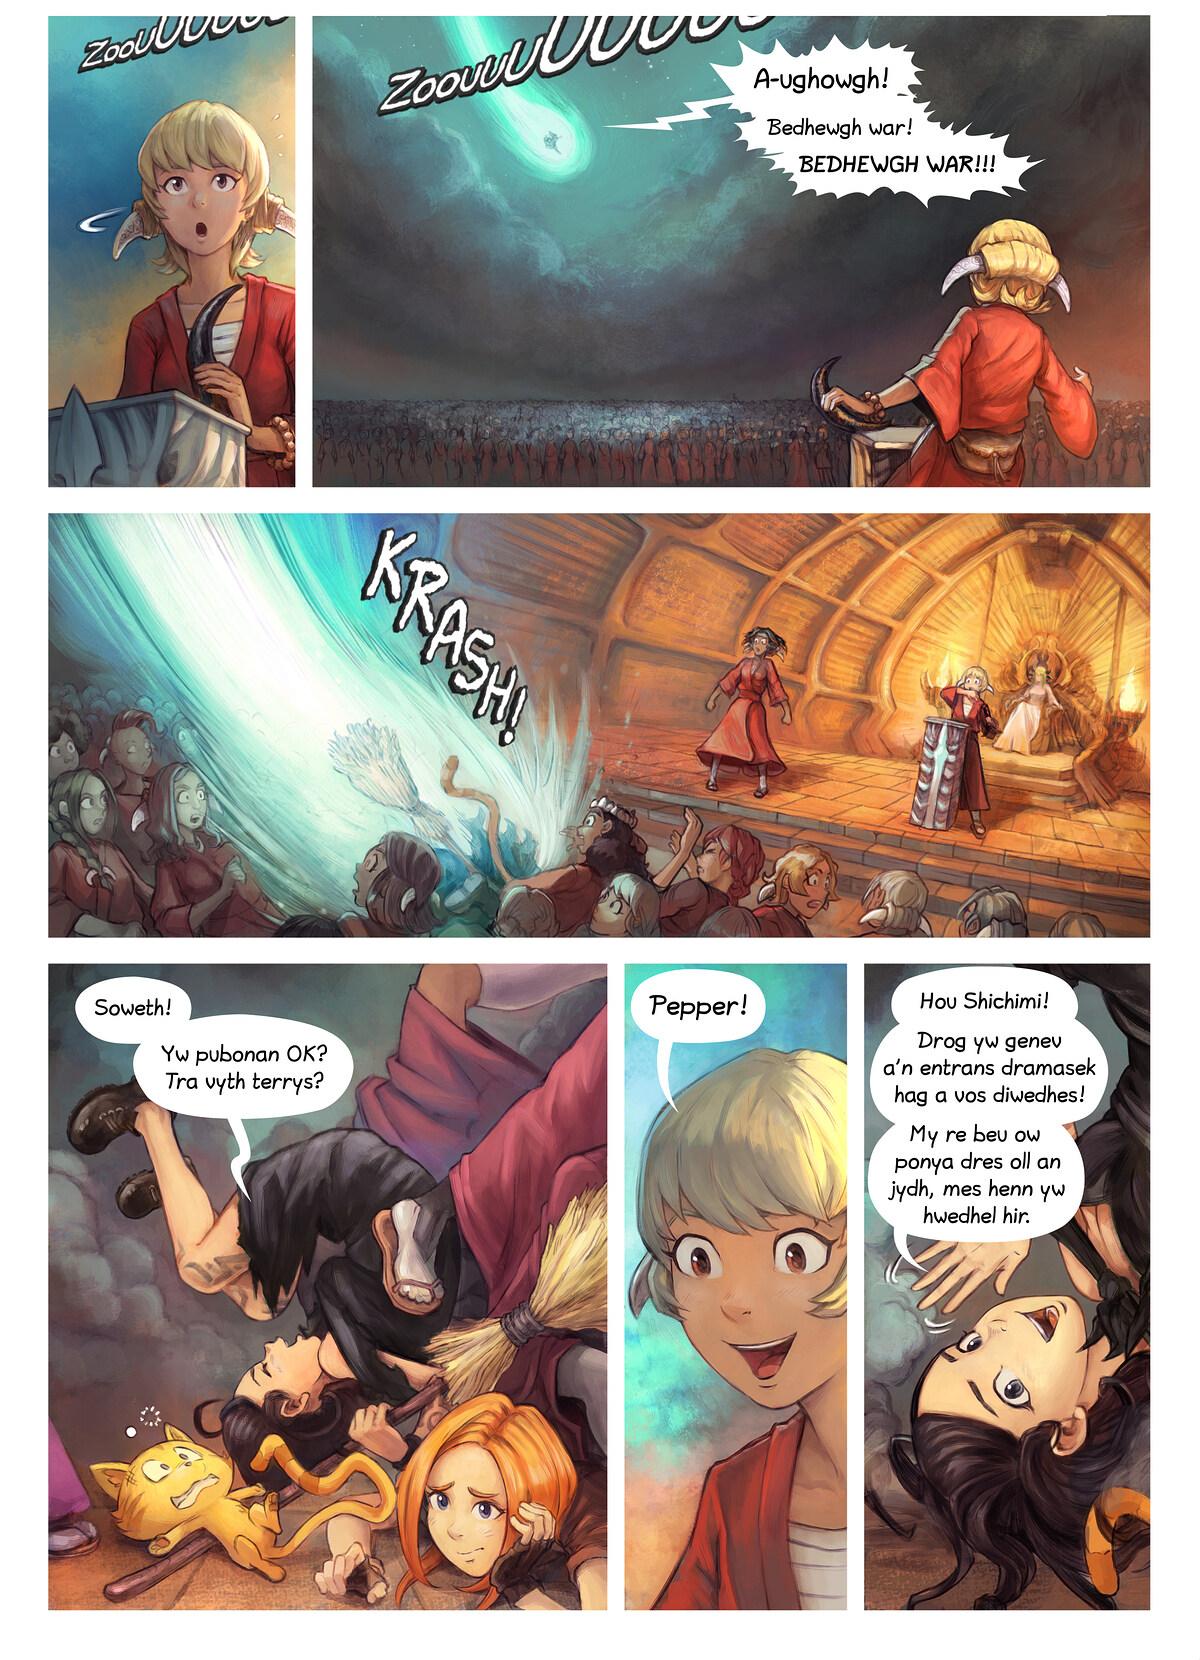 Rann 34: Urdhyans Shichimi yn Marghogieth, Page 2